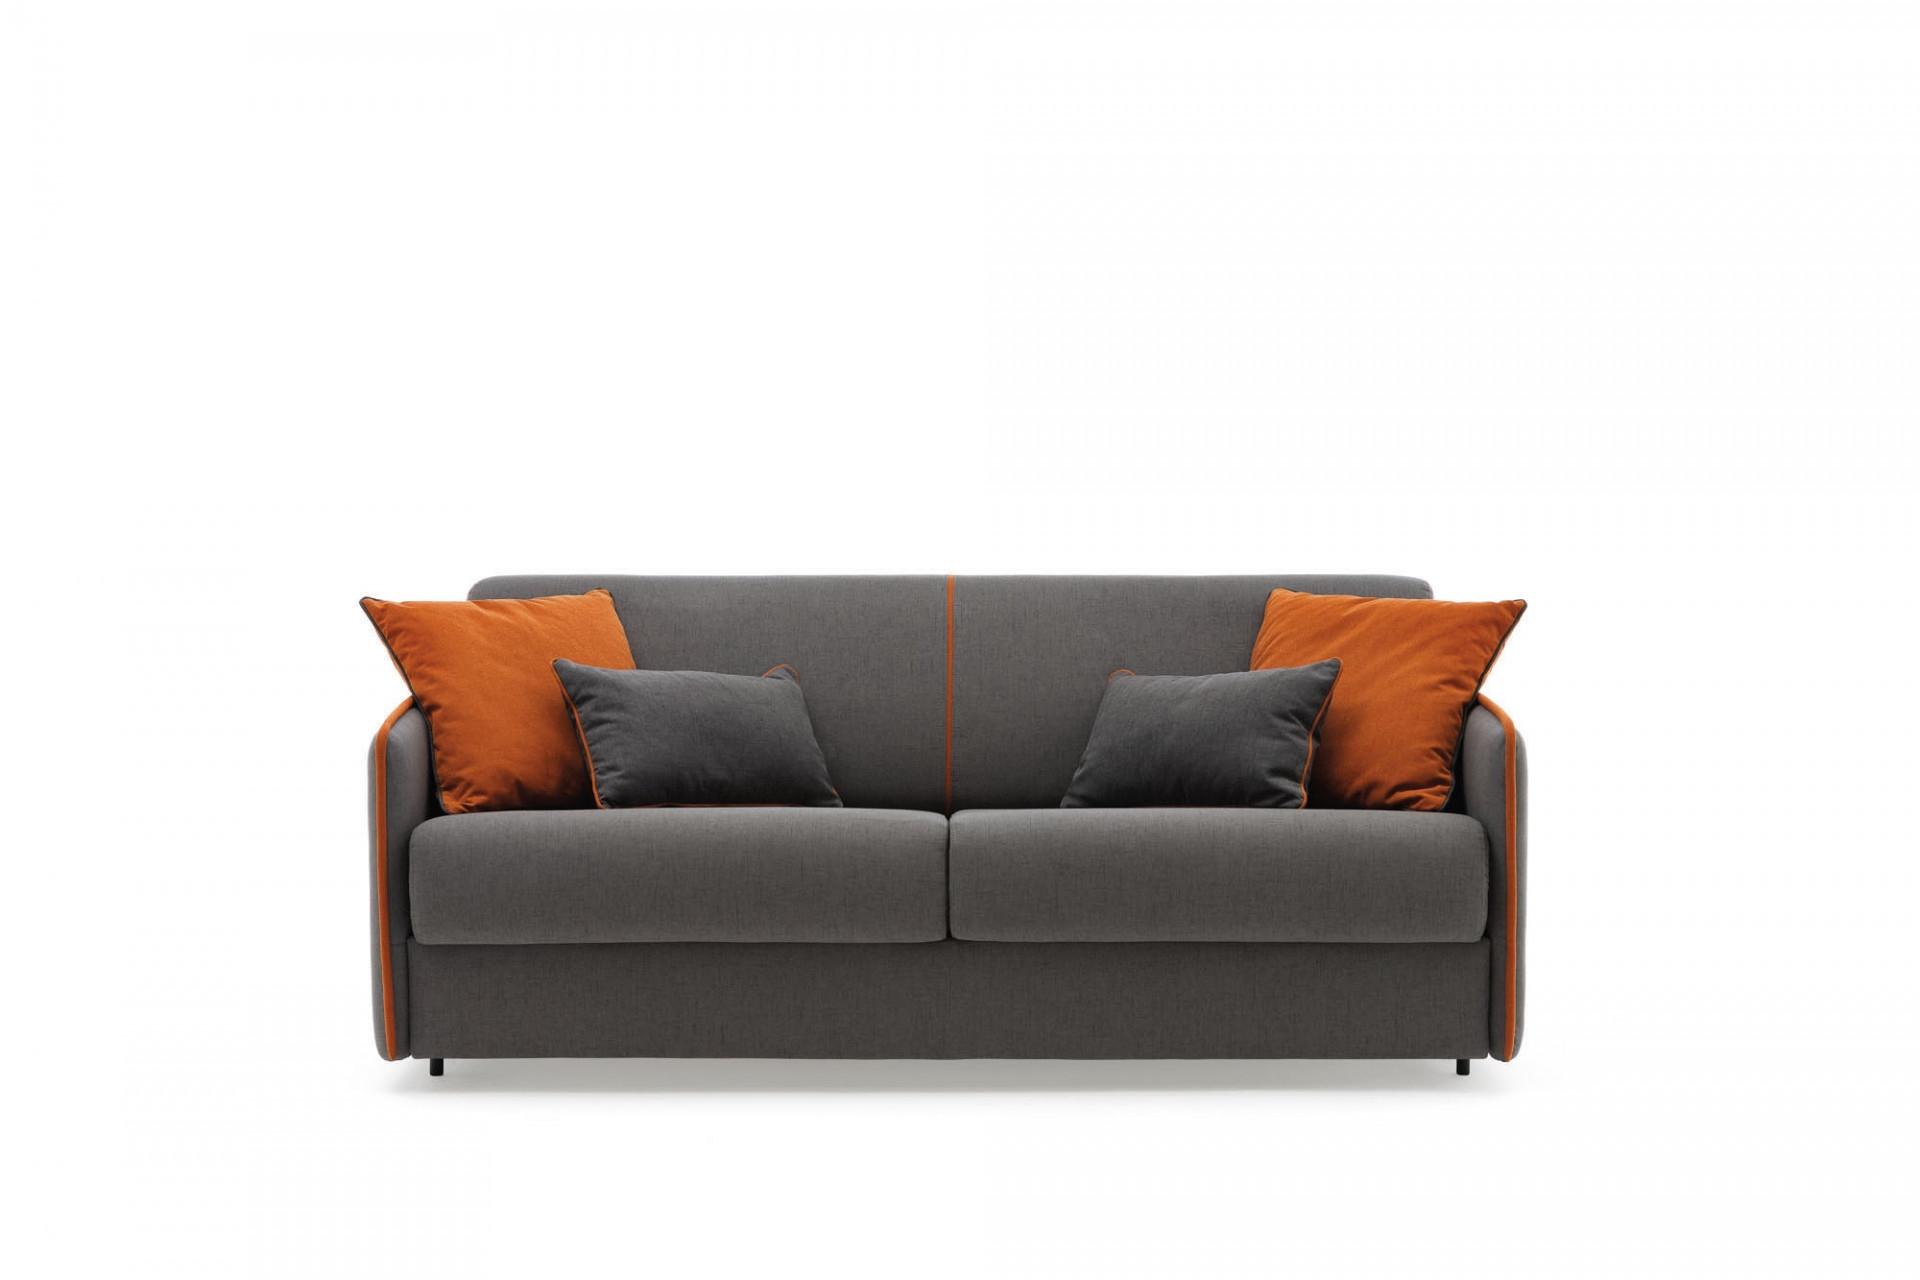 Canapea extensibila 2 locuri, tapitata cu stofa, Madeira Gri, l158xA99xH82 cm